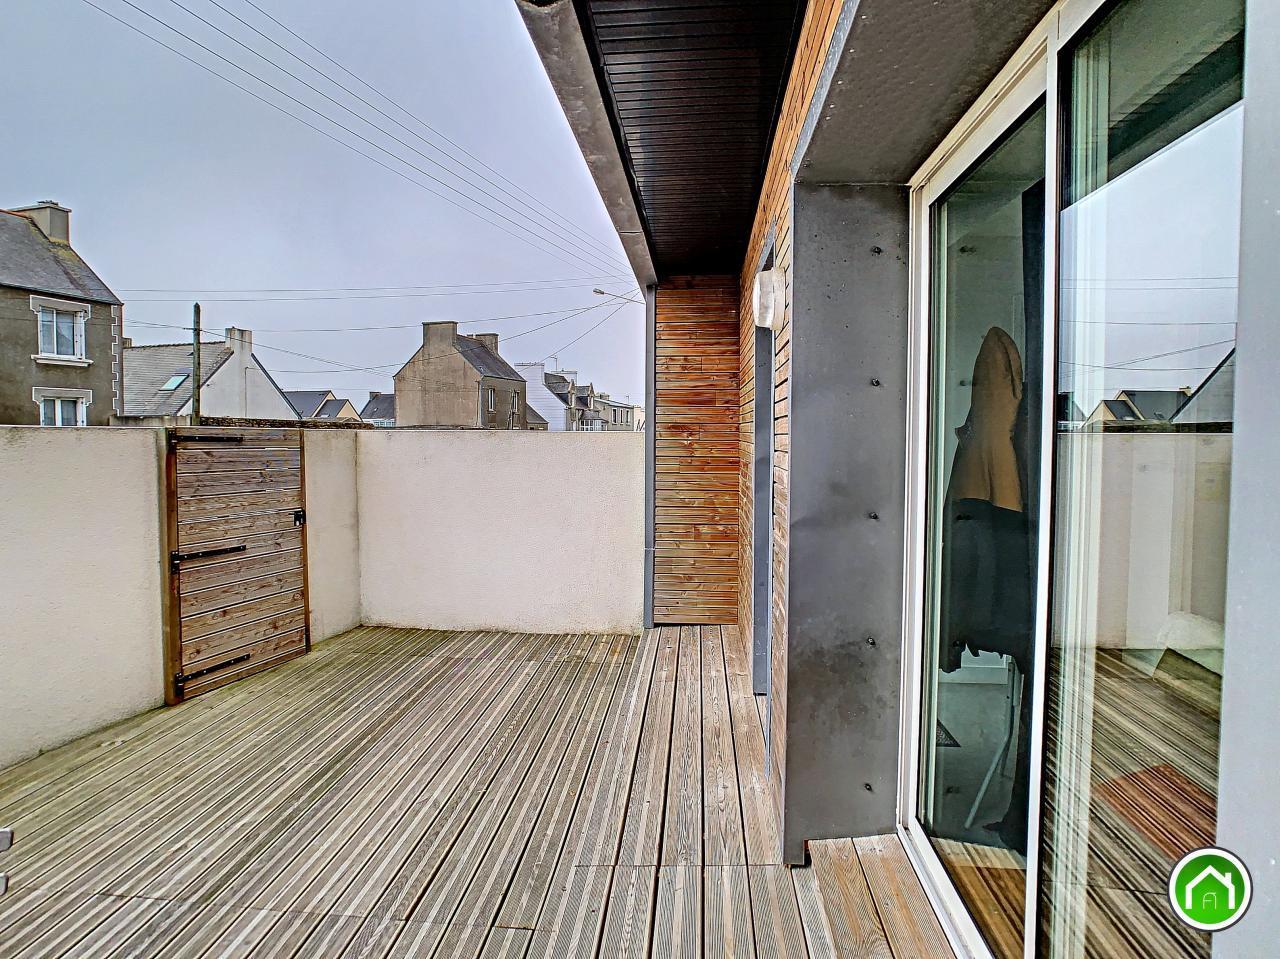 PLOUDALMEZEAU : lumineux appartement 2 chambres avec terrasse et stationnement